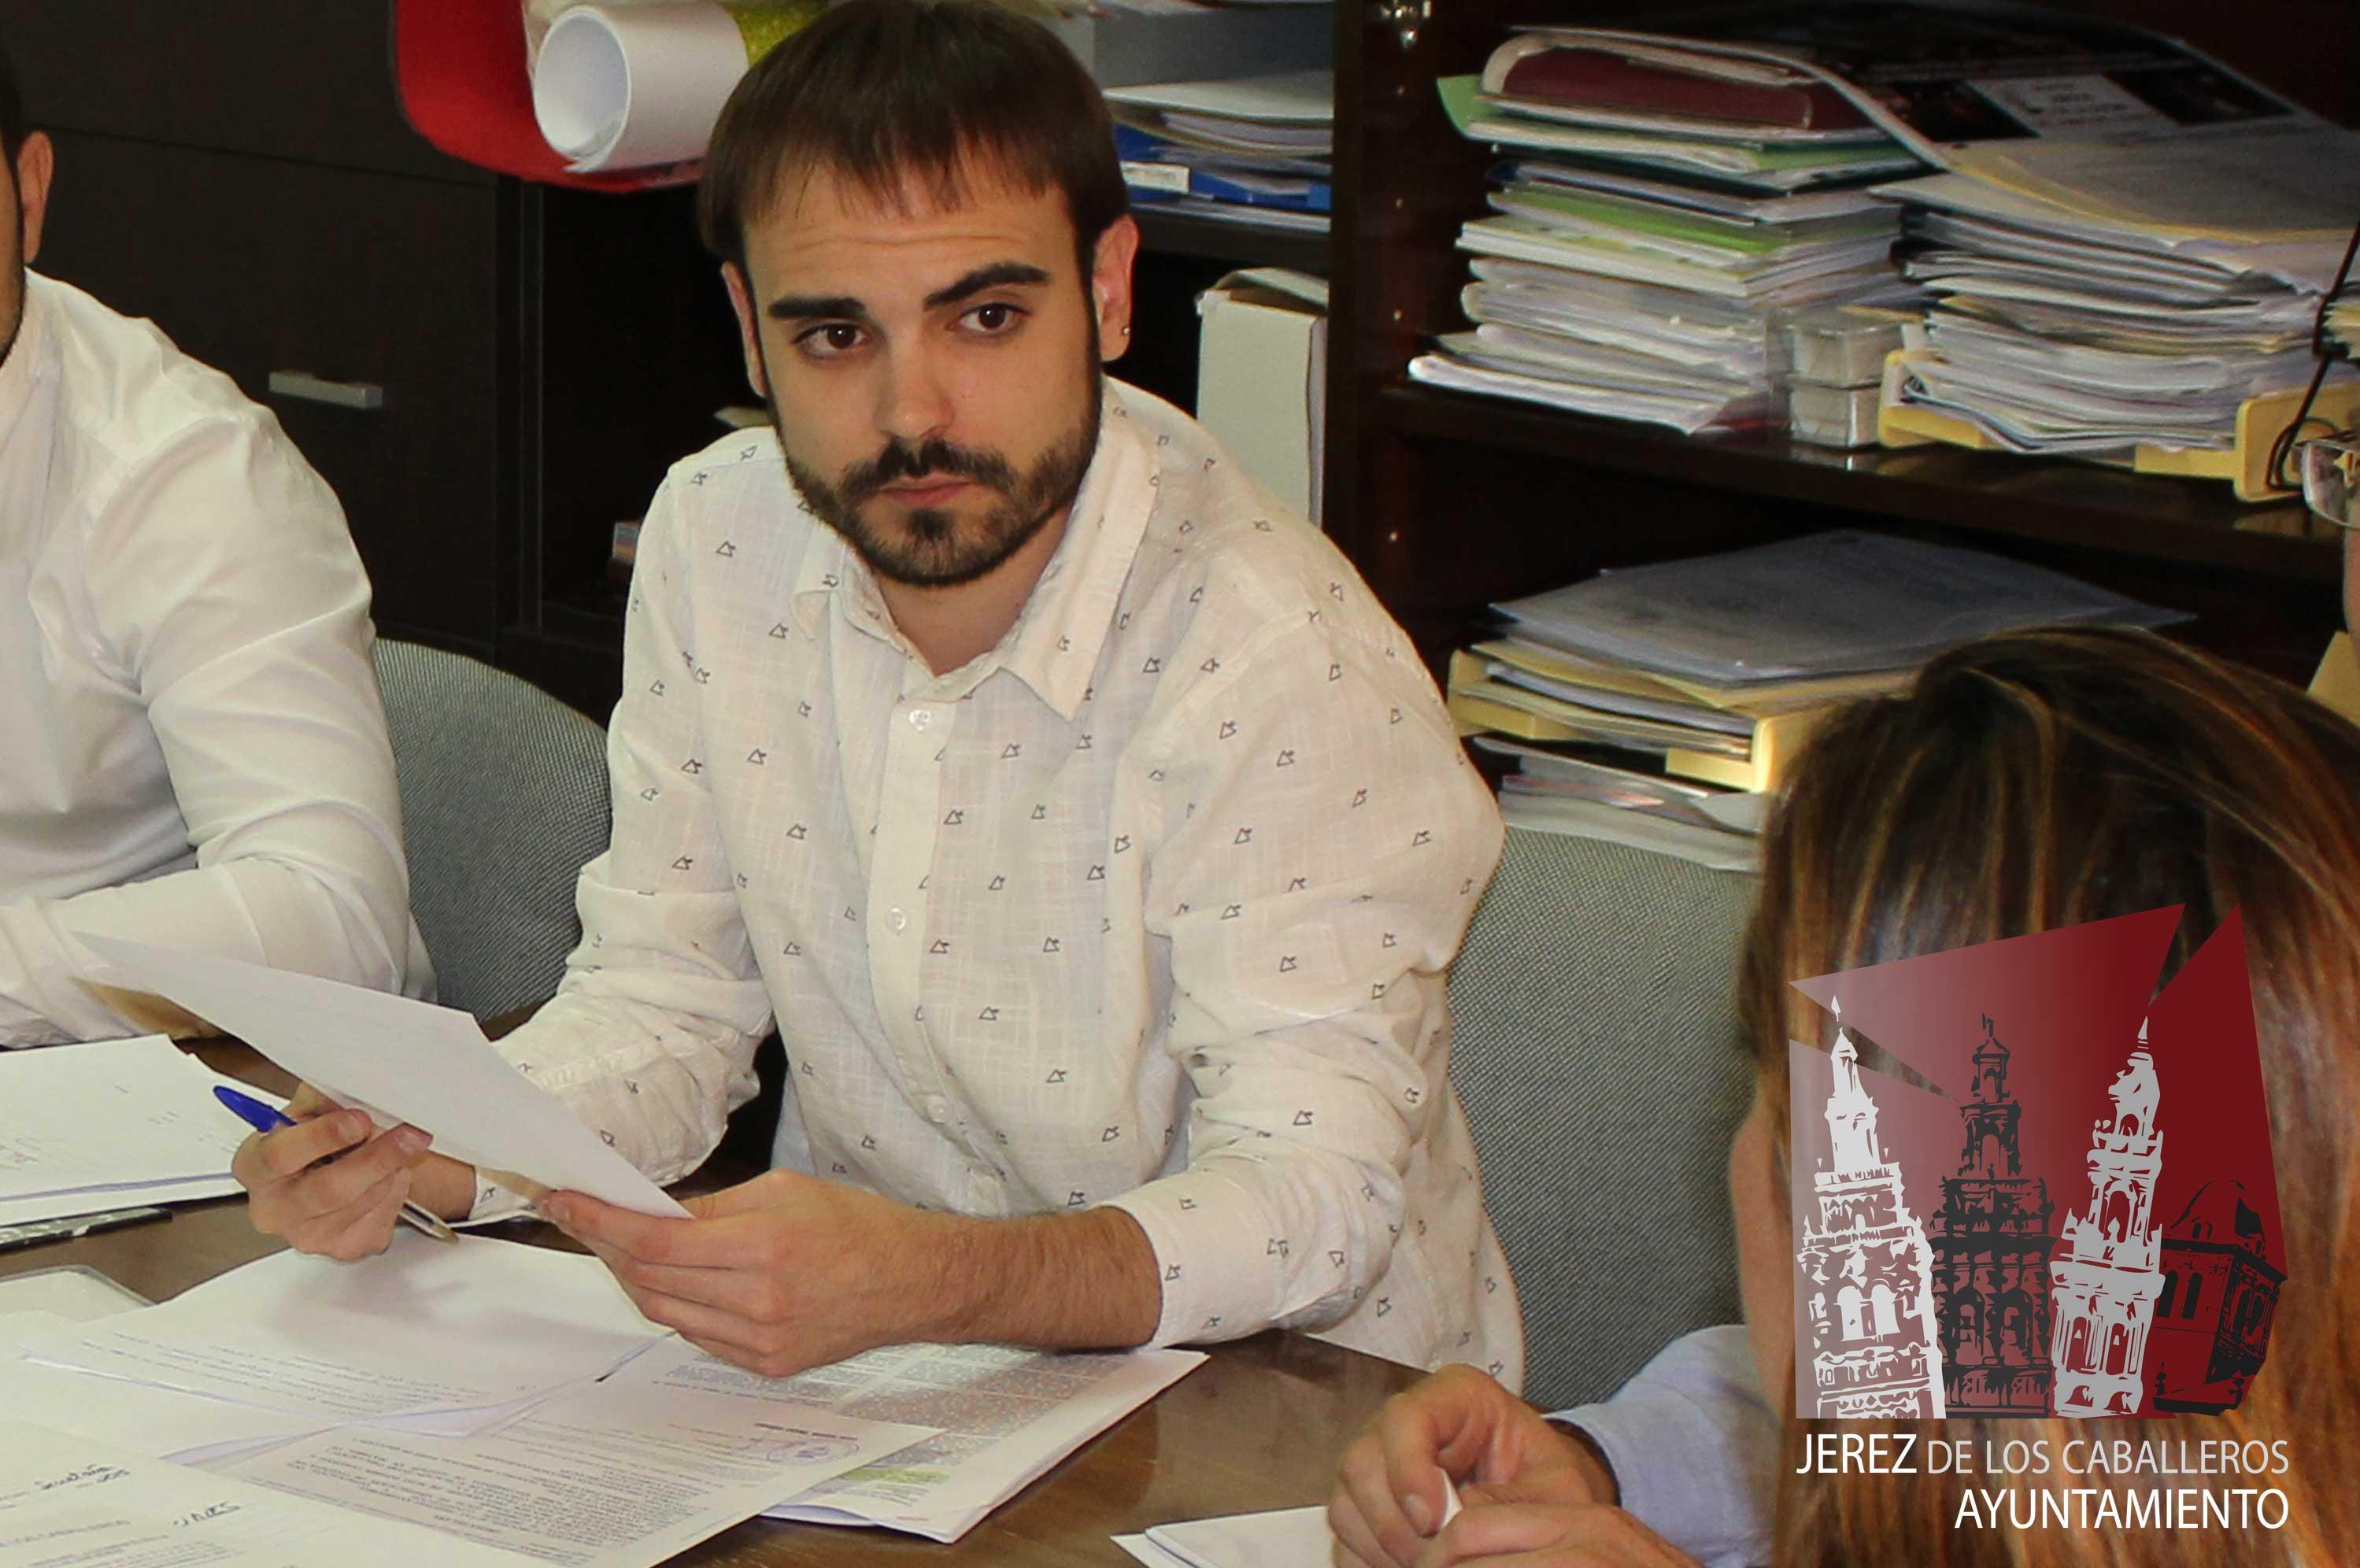 Los SSB del Ayuntamiento de Jerez de los Caballeros, han tramitado hasta el día de hoy 100 expedientes de ayudas para los mínimos vitales